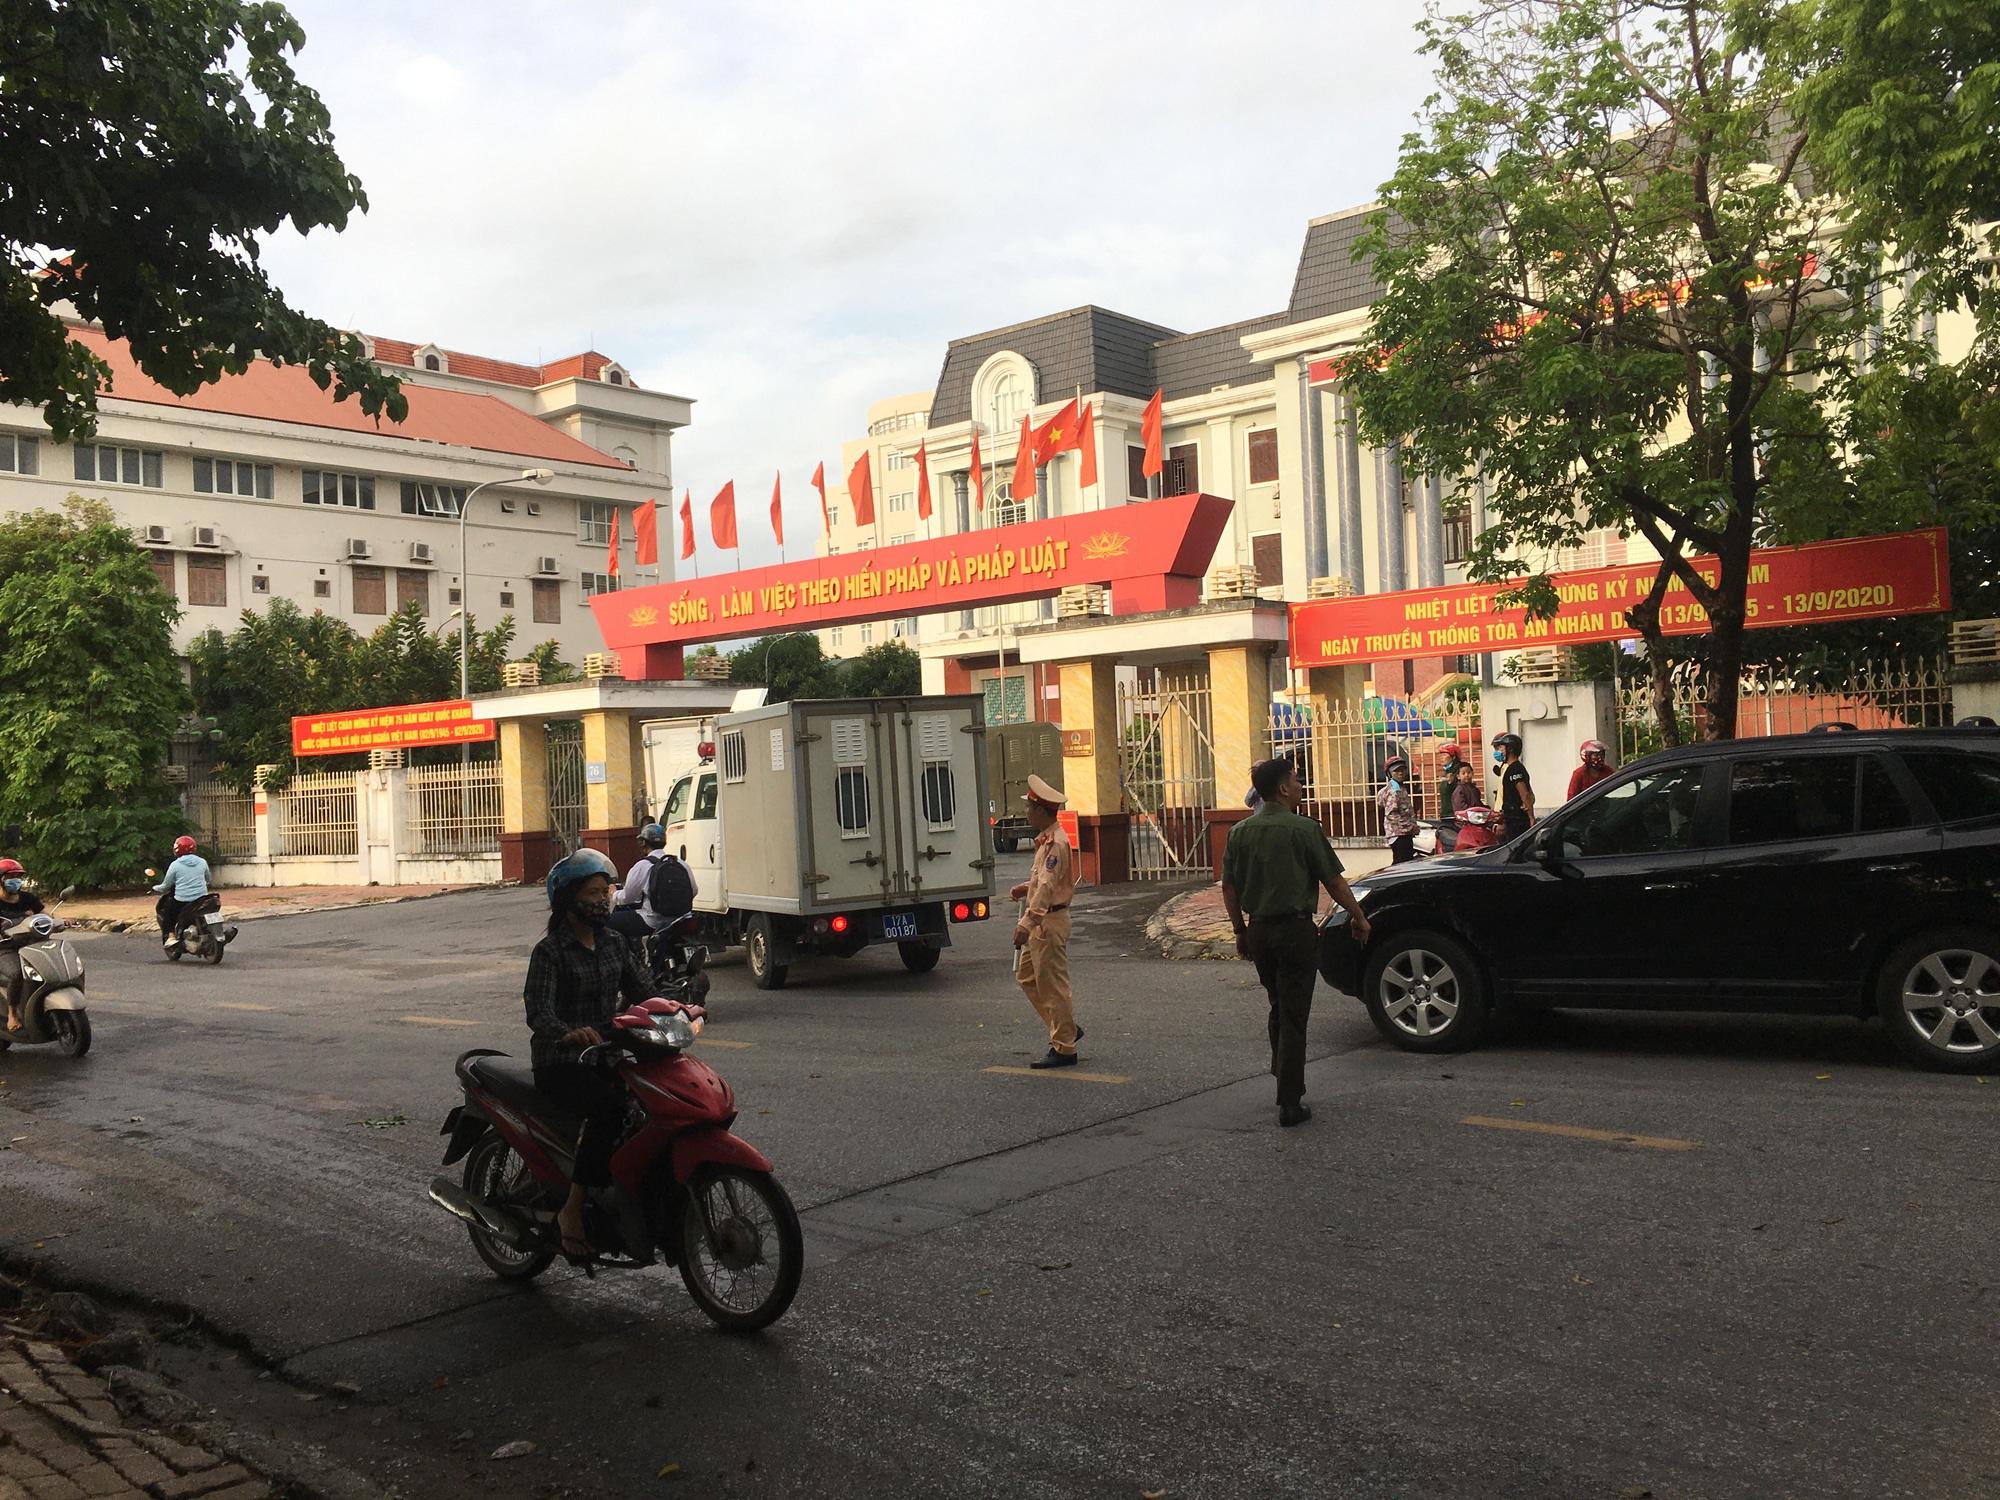 """Sáng nay xét xử sơ thẩm vợ Đường """"Nhuệ"""" và 4 cán bộ Sở Tư pháp, Sở TNMT tỉnh Thái Bình  - Ảnh 1."""